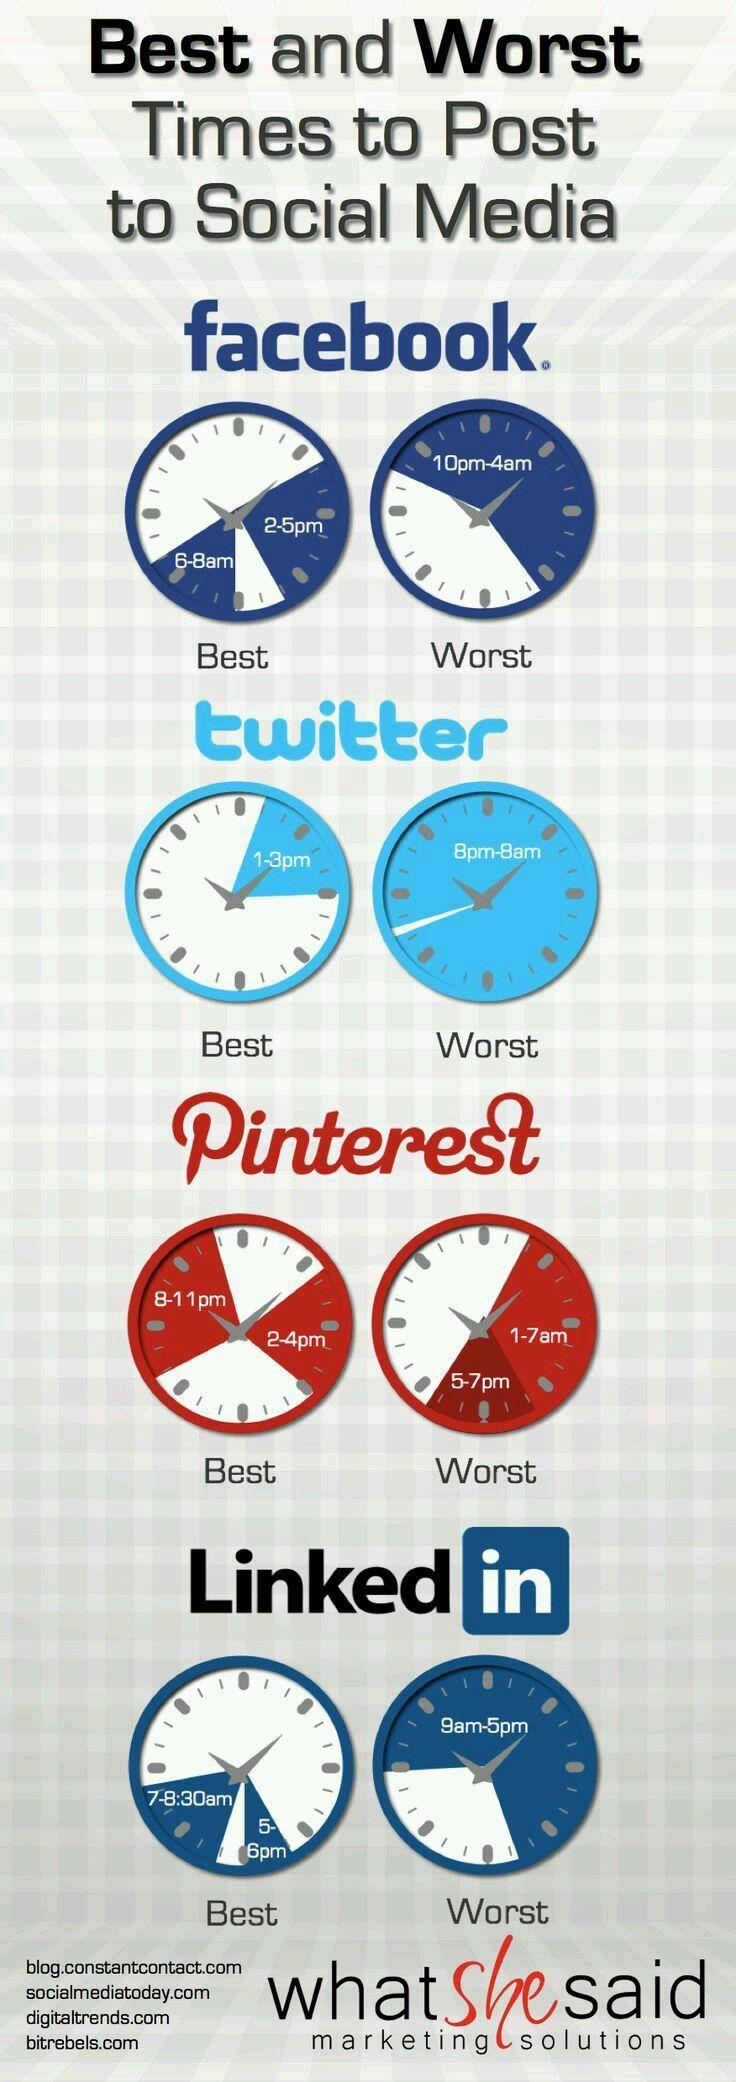 Redes Sociais - Melhor e Pior horário para postar